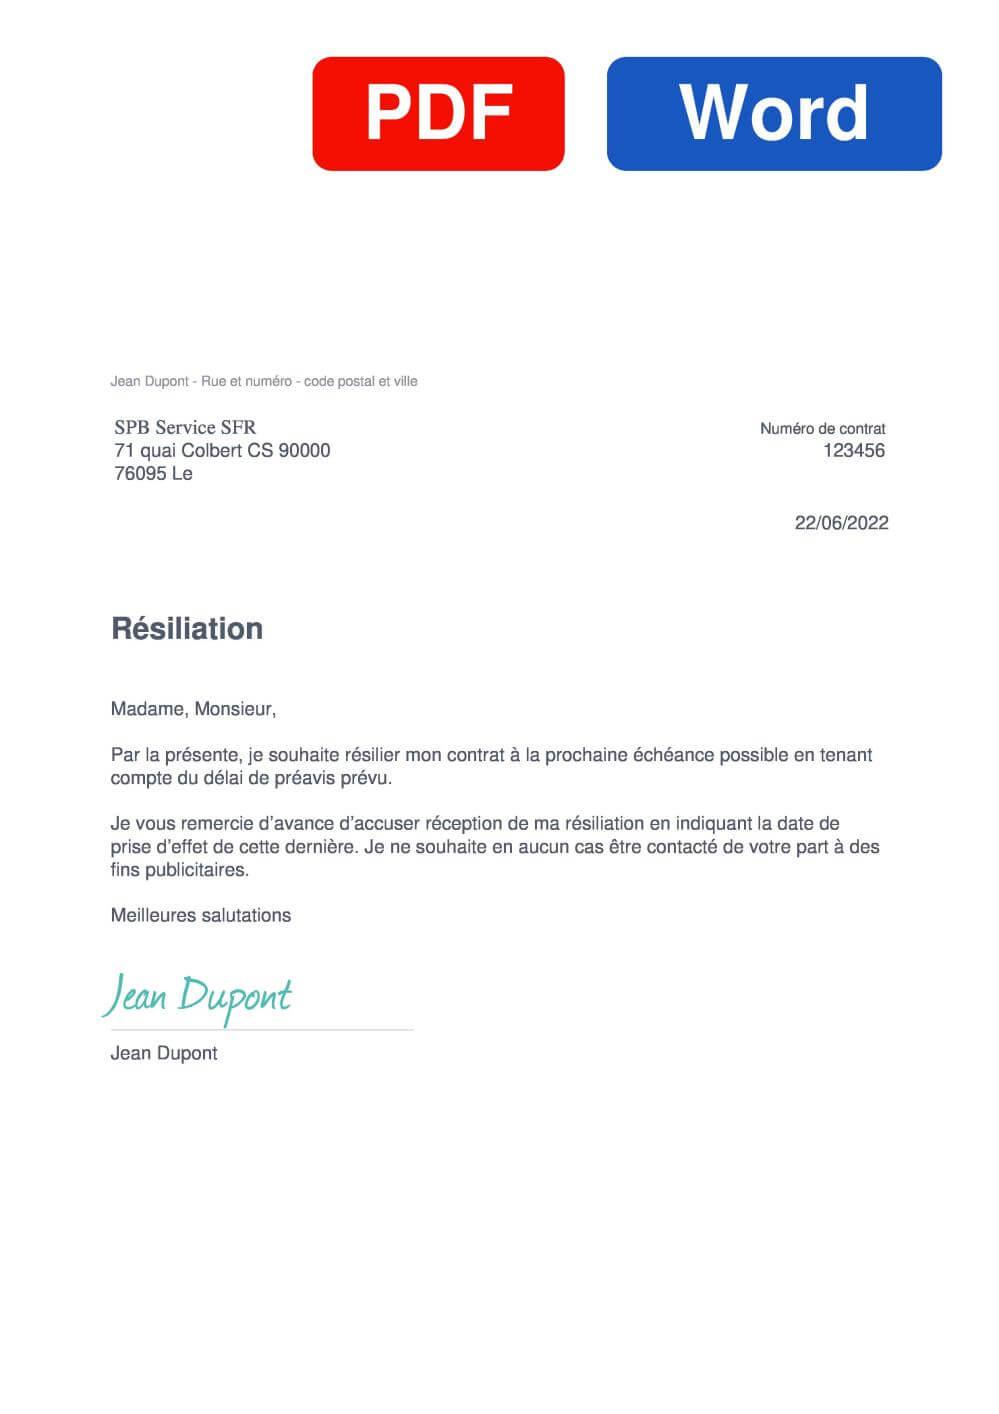 SFR AIG mobile Assurance Modèle de lettre de résiliation